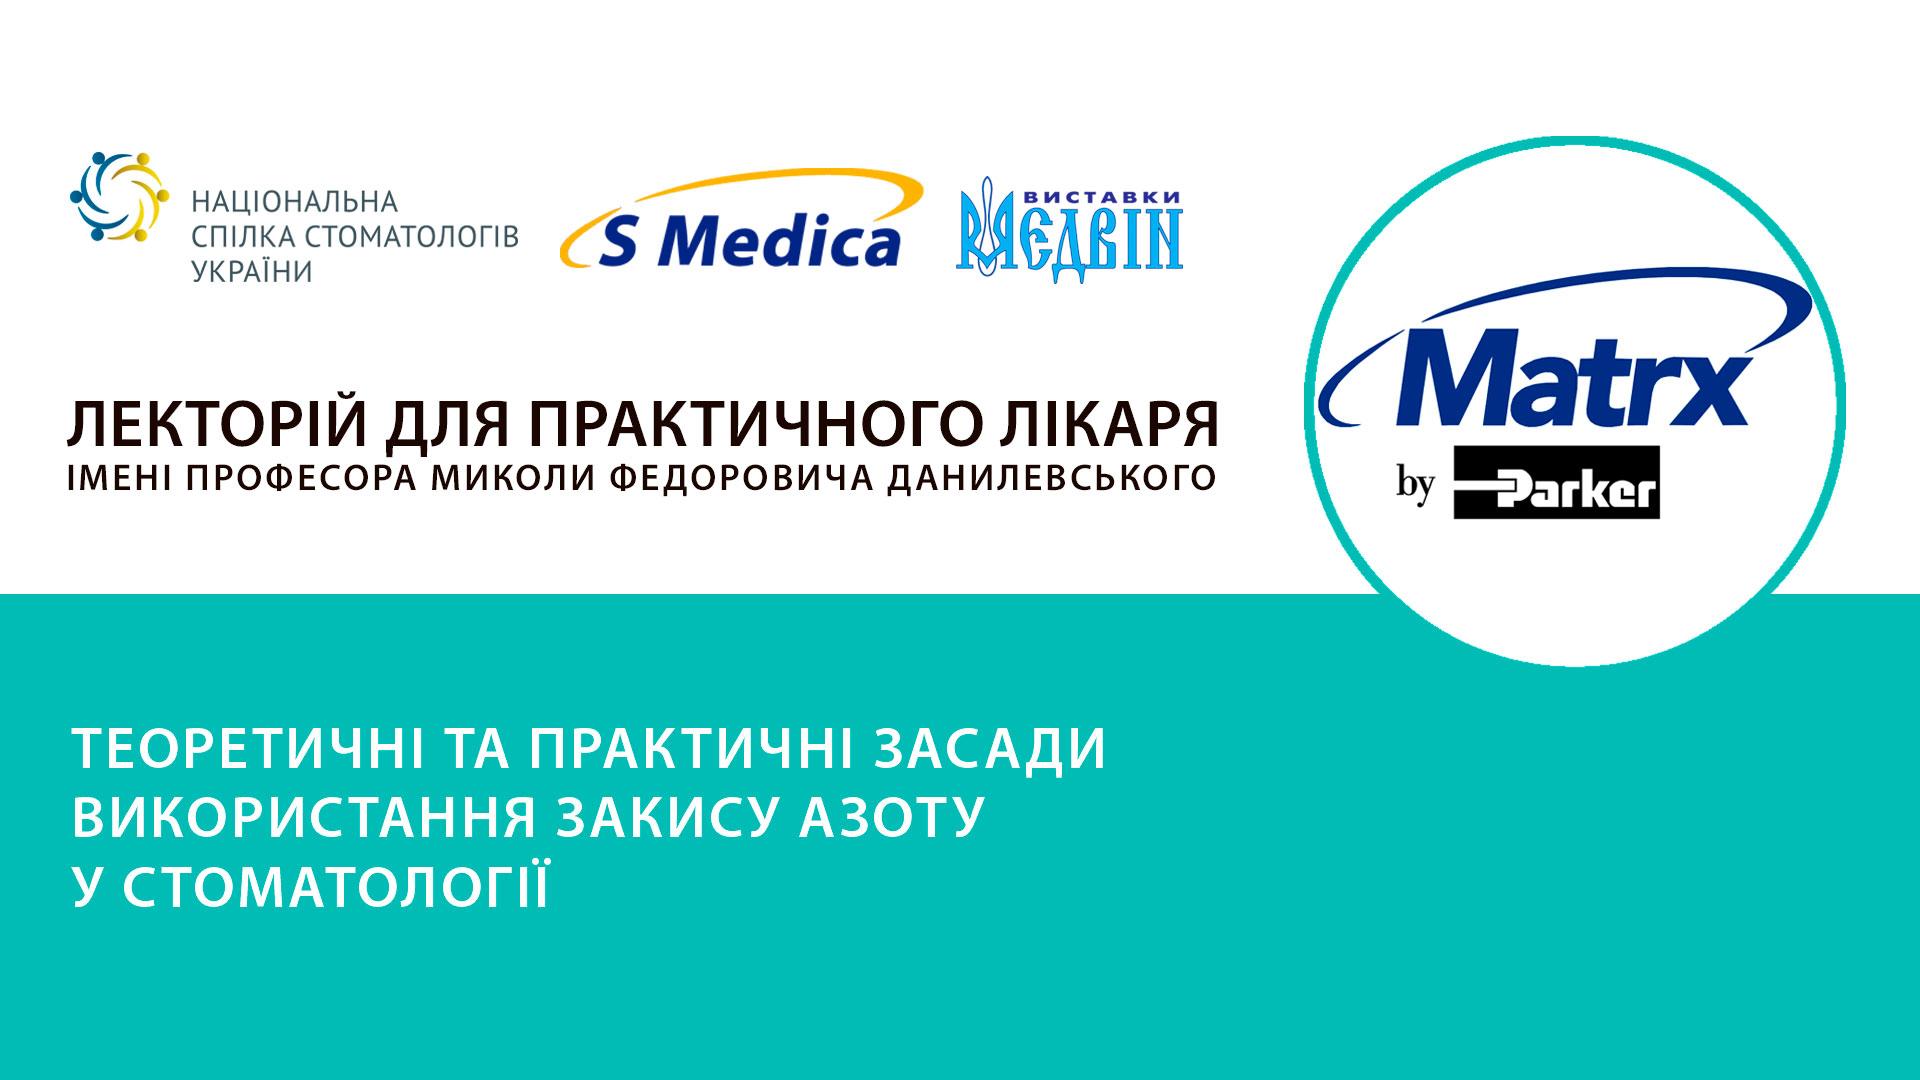 Теоретичні та практичні засади використання закису азоту у стоматології -11.02.2021